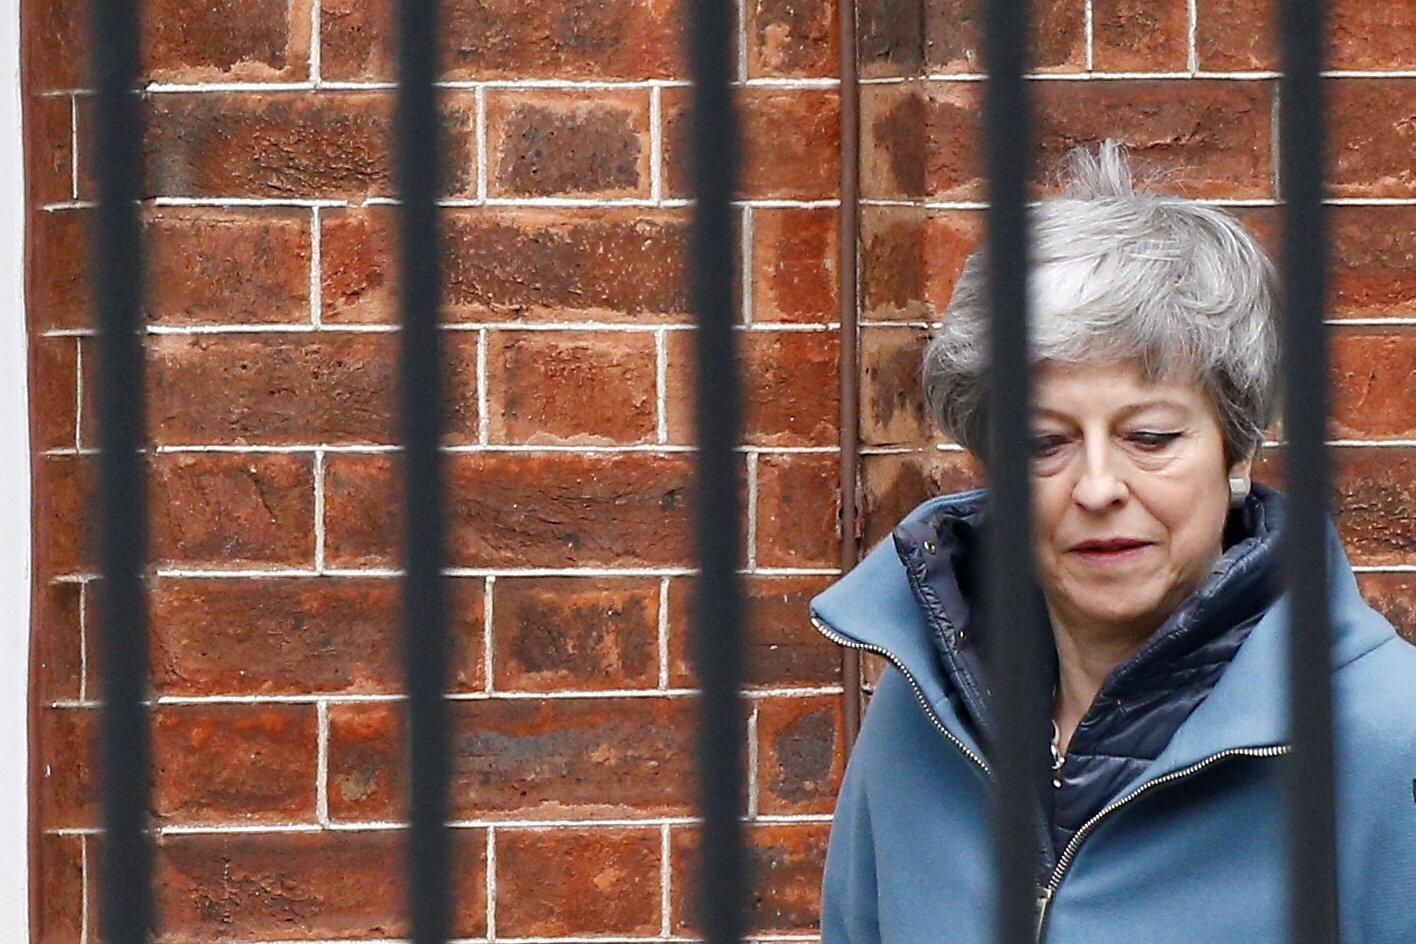 A imprensa britânica deste domingo afirma que a primeira-ministra Theresa May, cada dia mais isolada politicamente, pode perder o cargo.